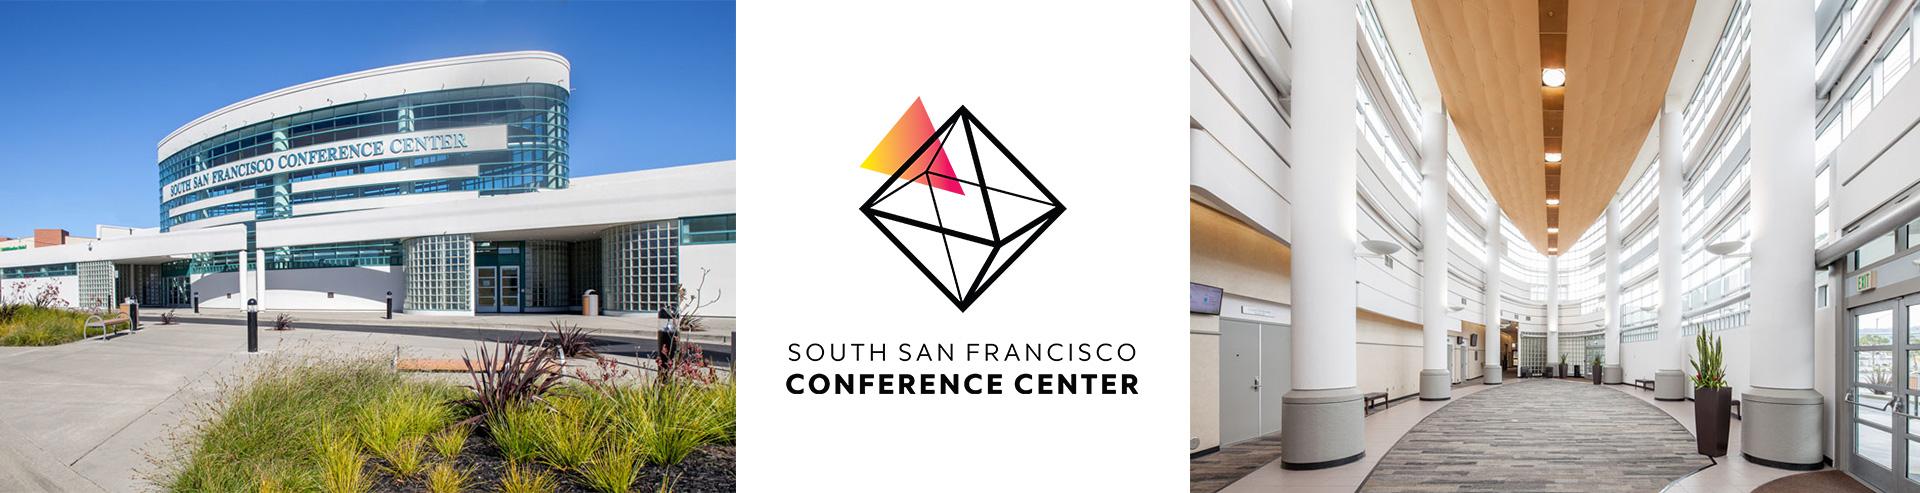 event-info-sfcc-01